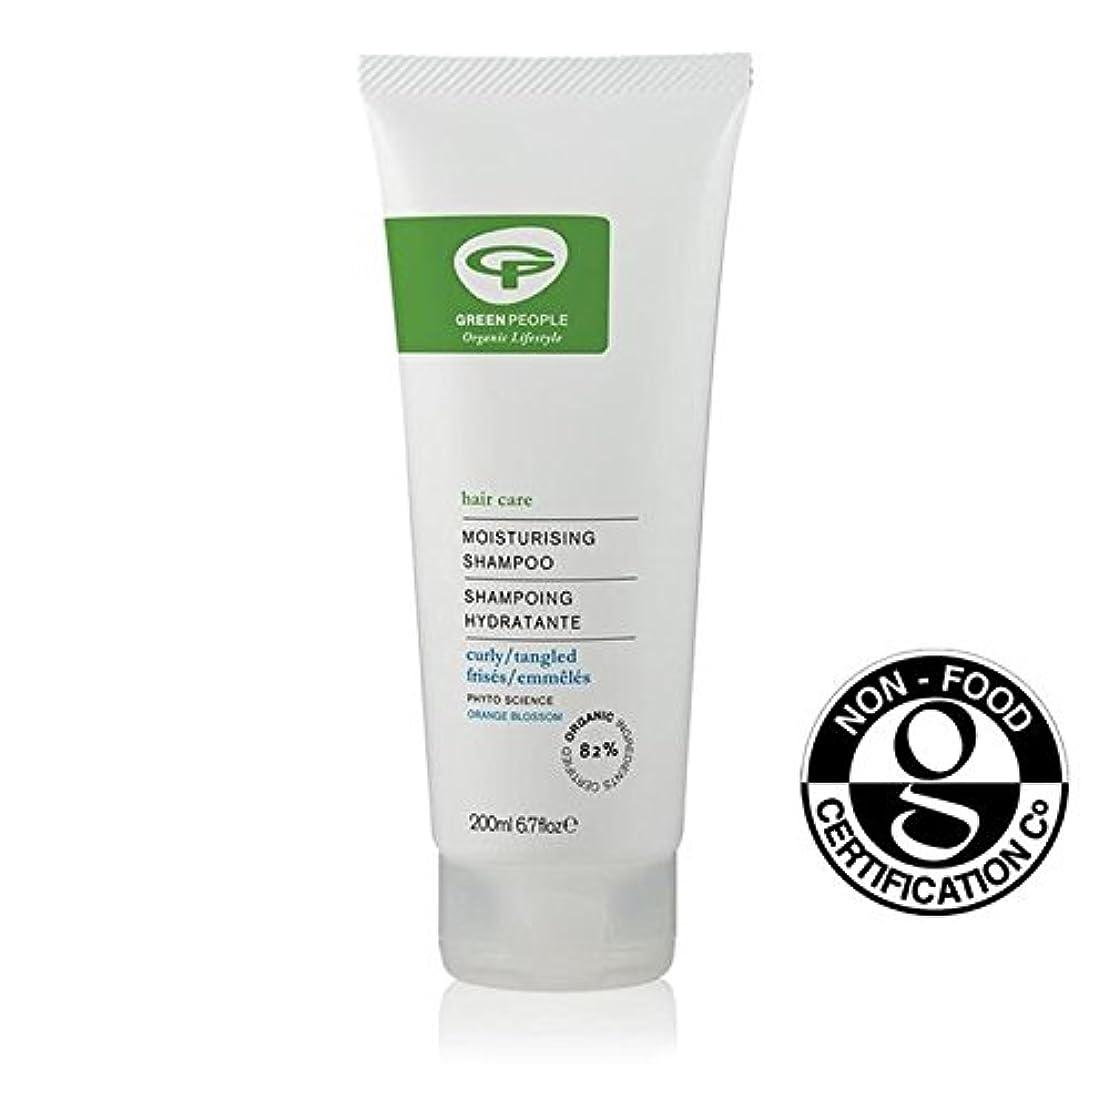 ご飯アカウント振り返る緑の人々の有機保湿シャンプー200ミリリットル x2 - Green People Organic Moisturising Shampoo 200ml (Pack of 2) [並行輸入品]